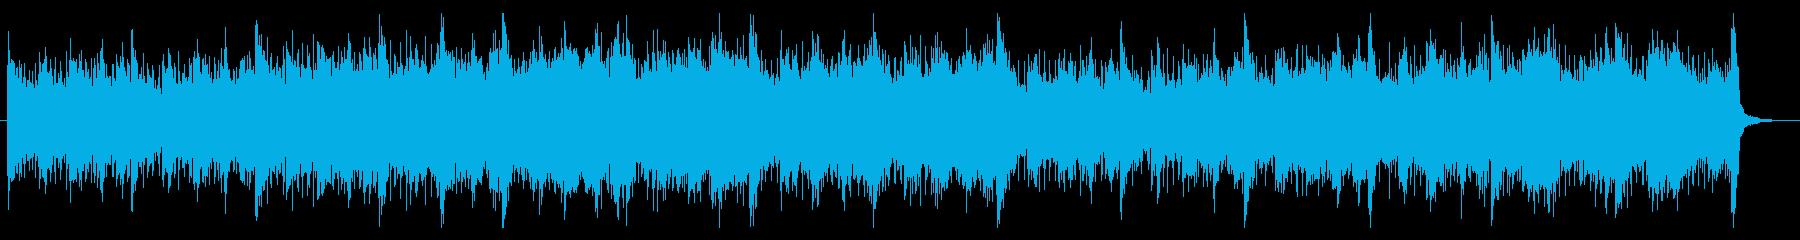 オーケストラのさわやかなオープニングの再生済みの波形